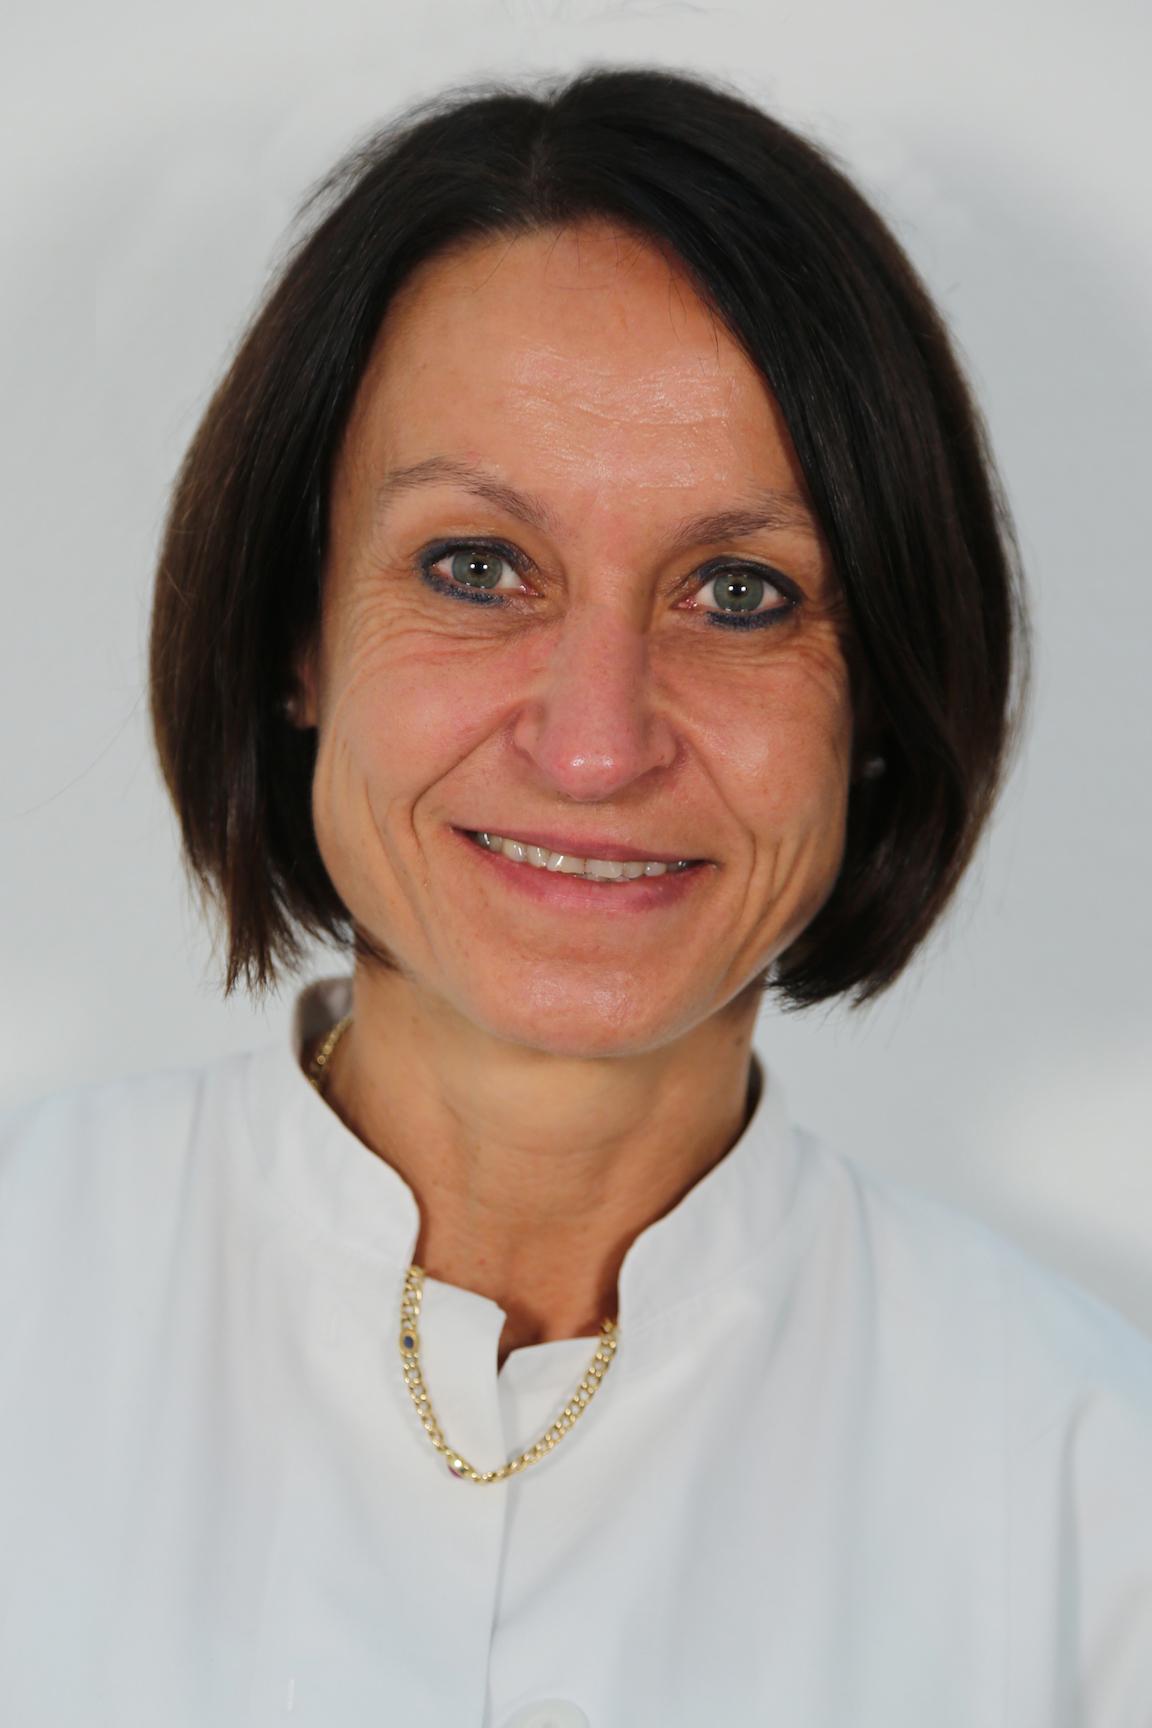 Frau Dr. med. Anne Ohlmann